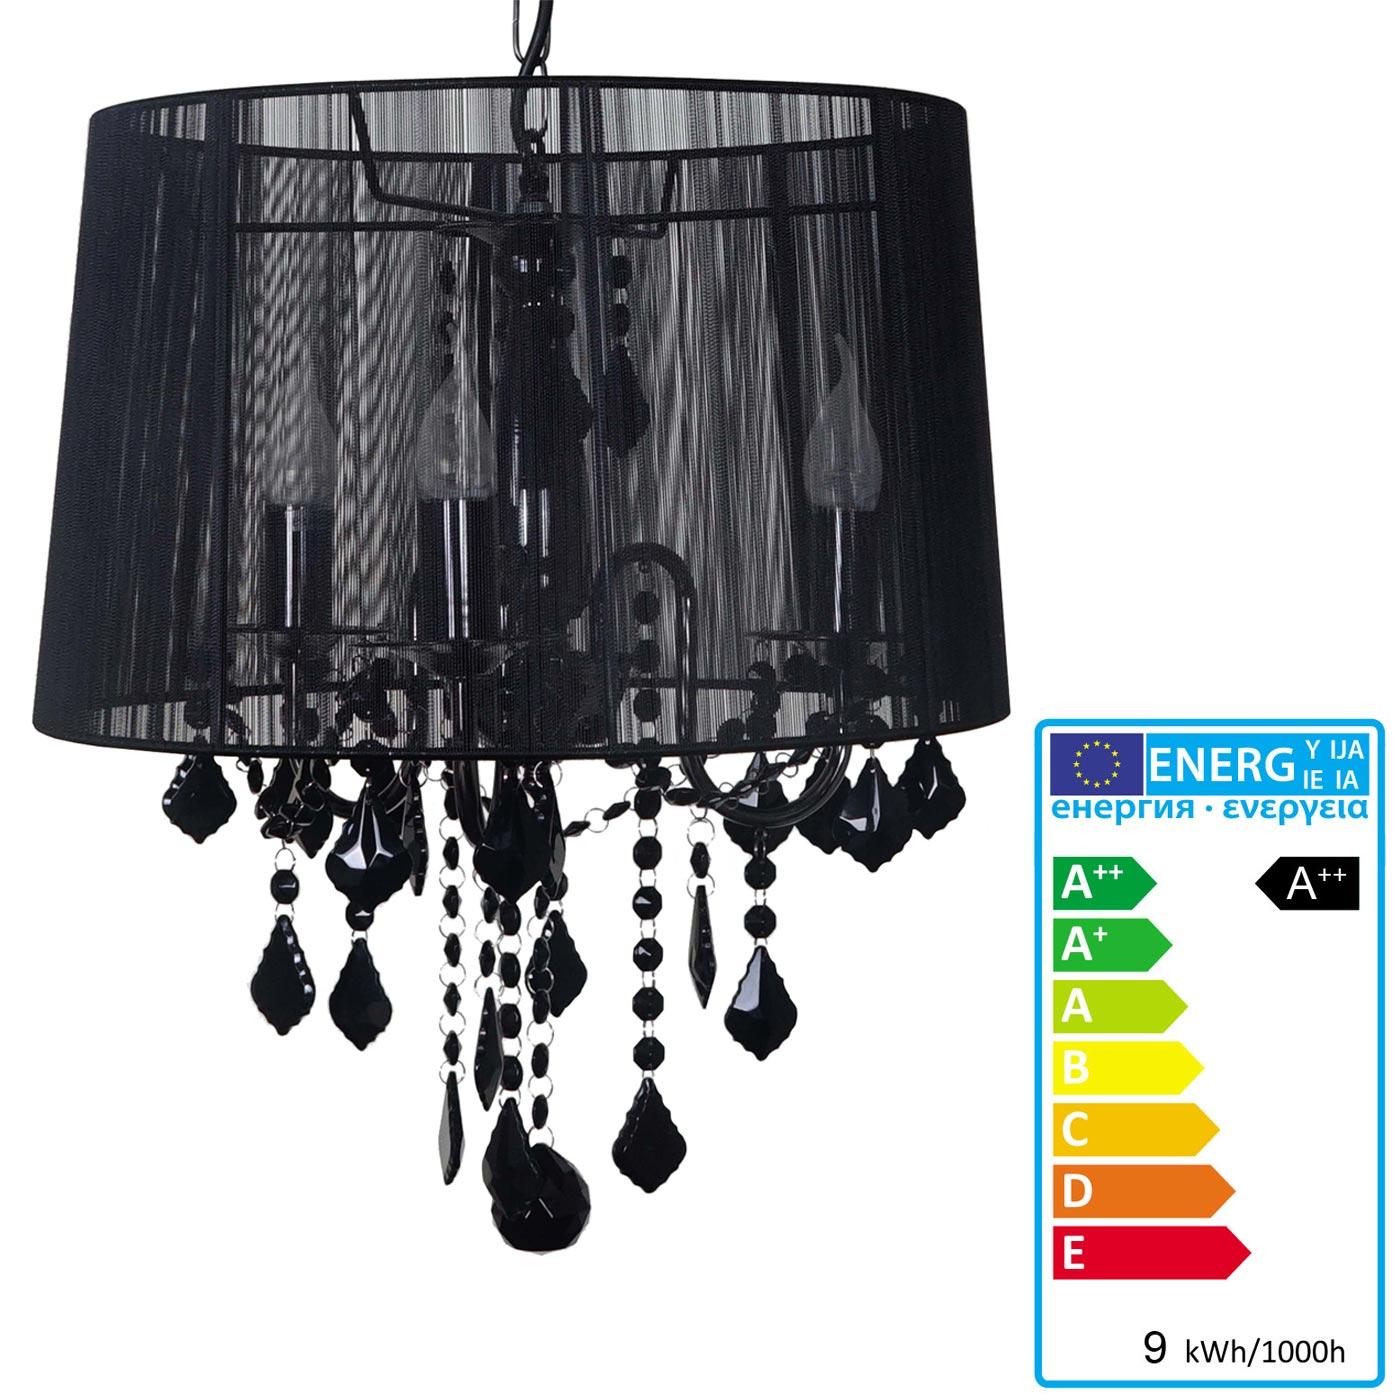 m bel wohnen lampen led kronleuchter teuer hat hier shopverbot. Black Bedroom Furniture Sets. Home Design Ideas